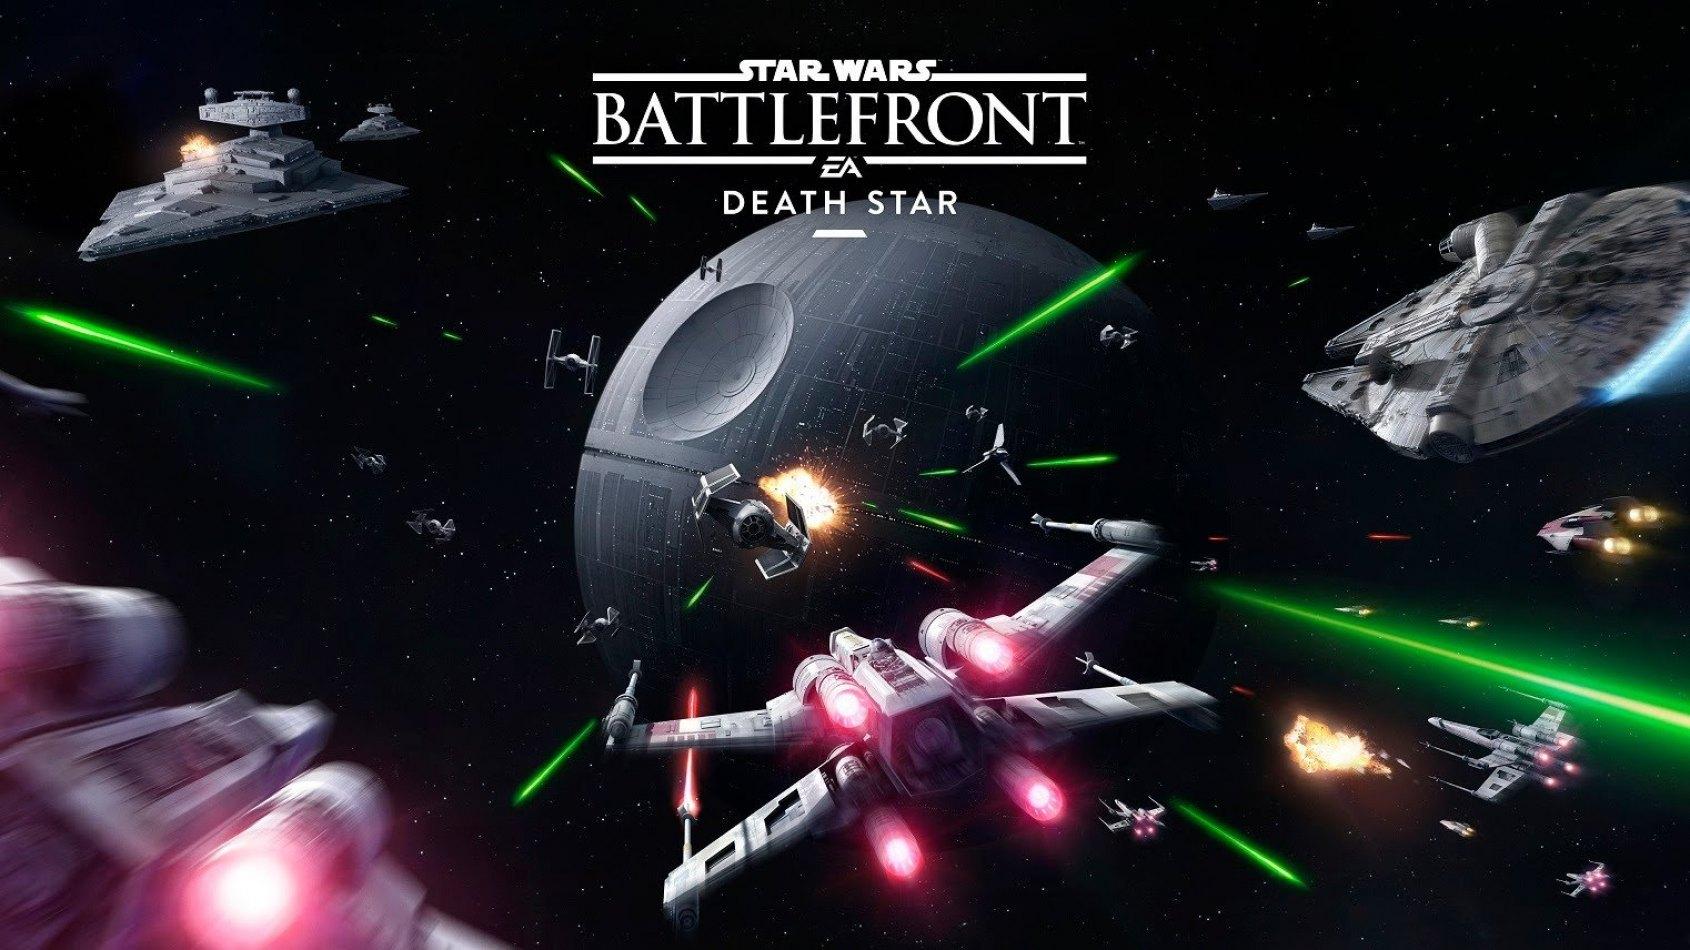 Battlefront : le Trailer de la DLC Death Star !